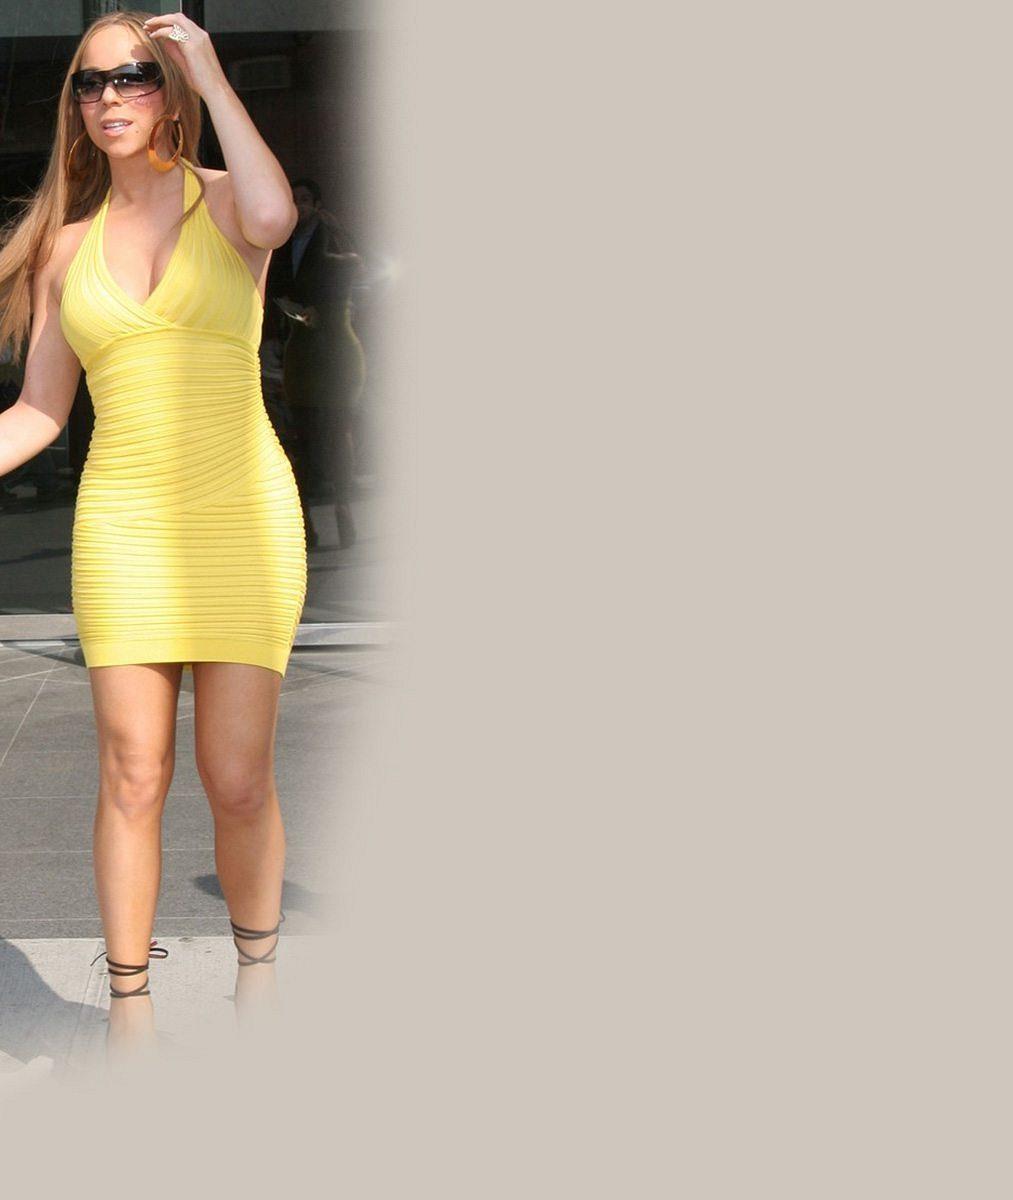 Ukaž, co se dá: Nevkusné kostýmy dělají z Mariah Carey na turné matronu